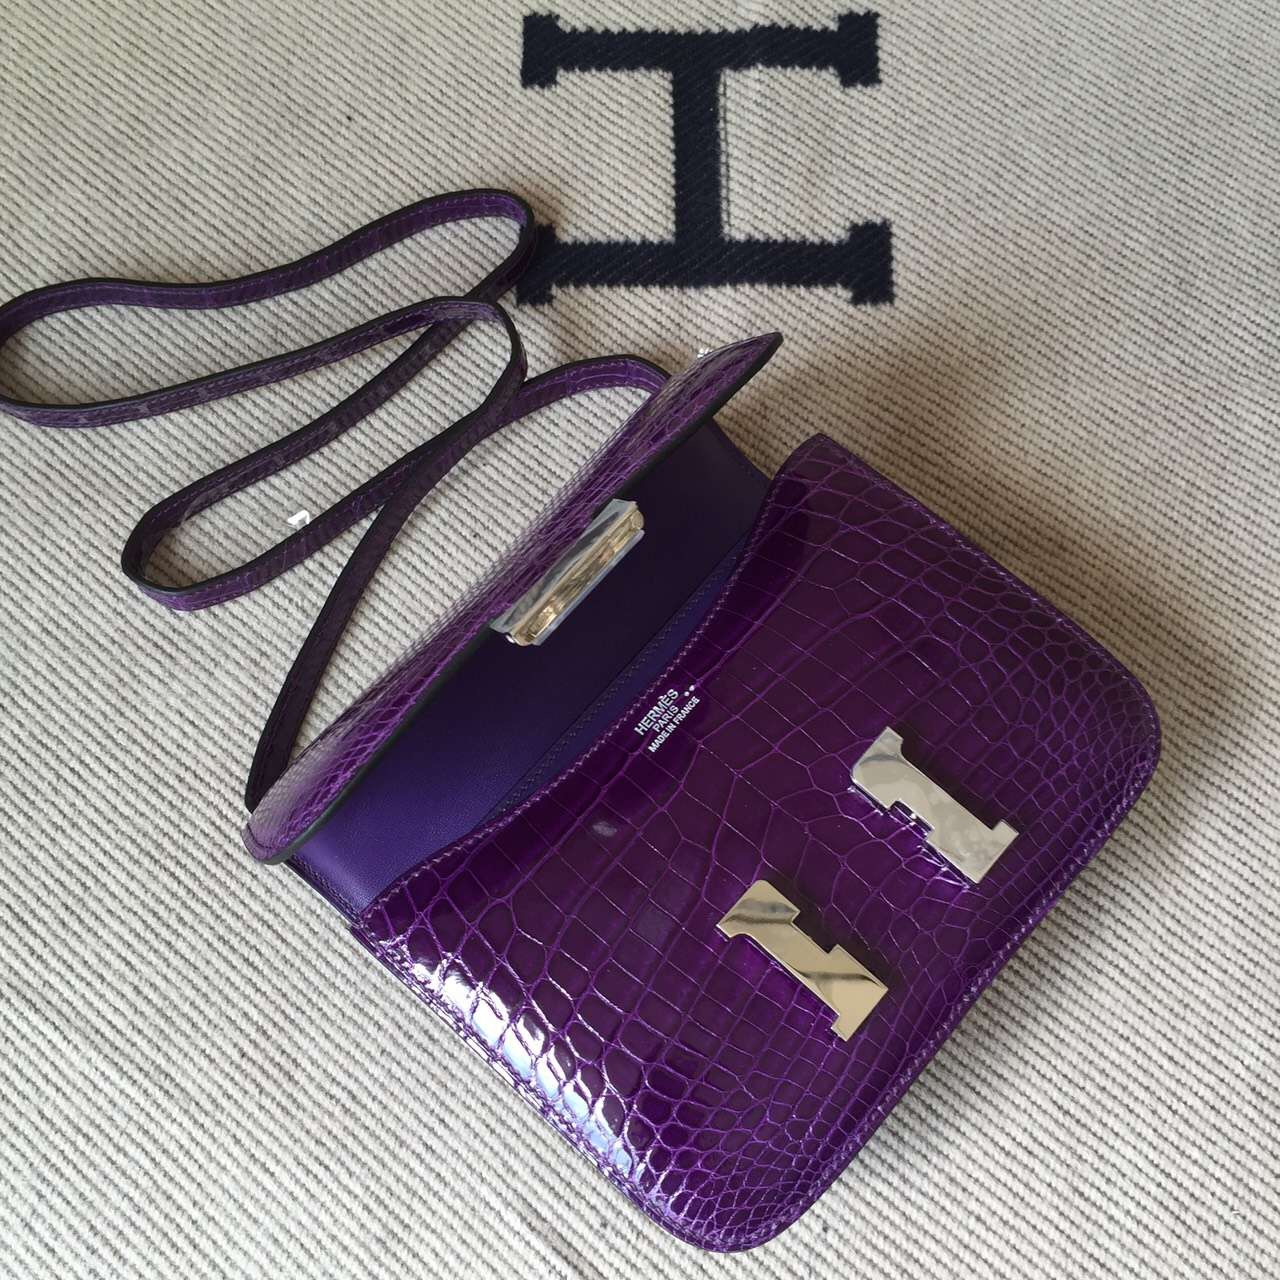 Popular Hermes Constance Bag 19cm in 9G Violet Crocodile Shiny Leather